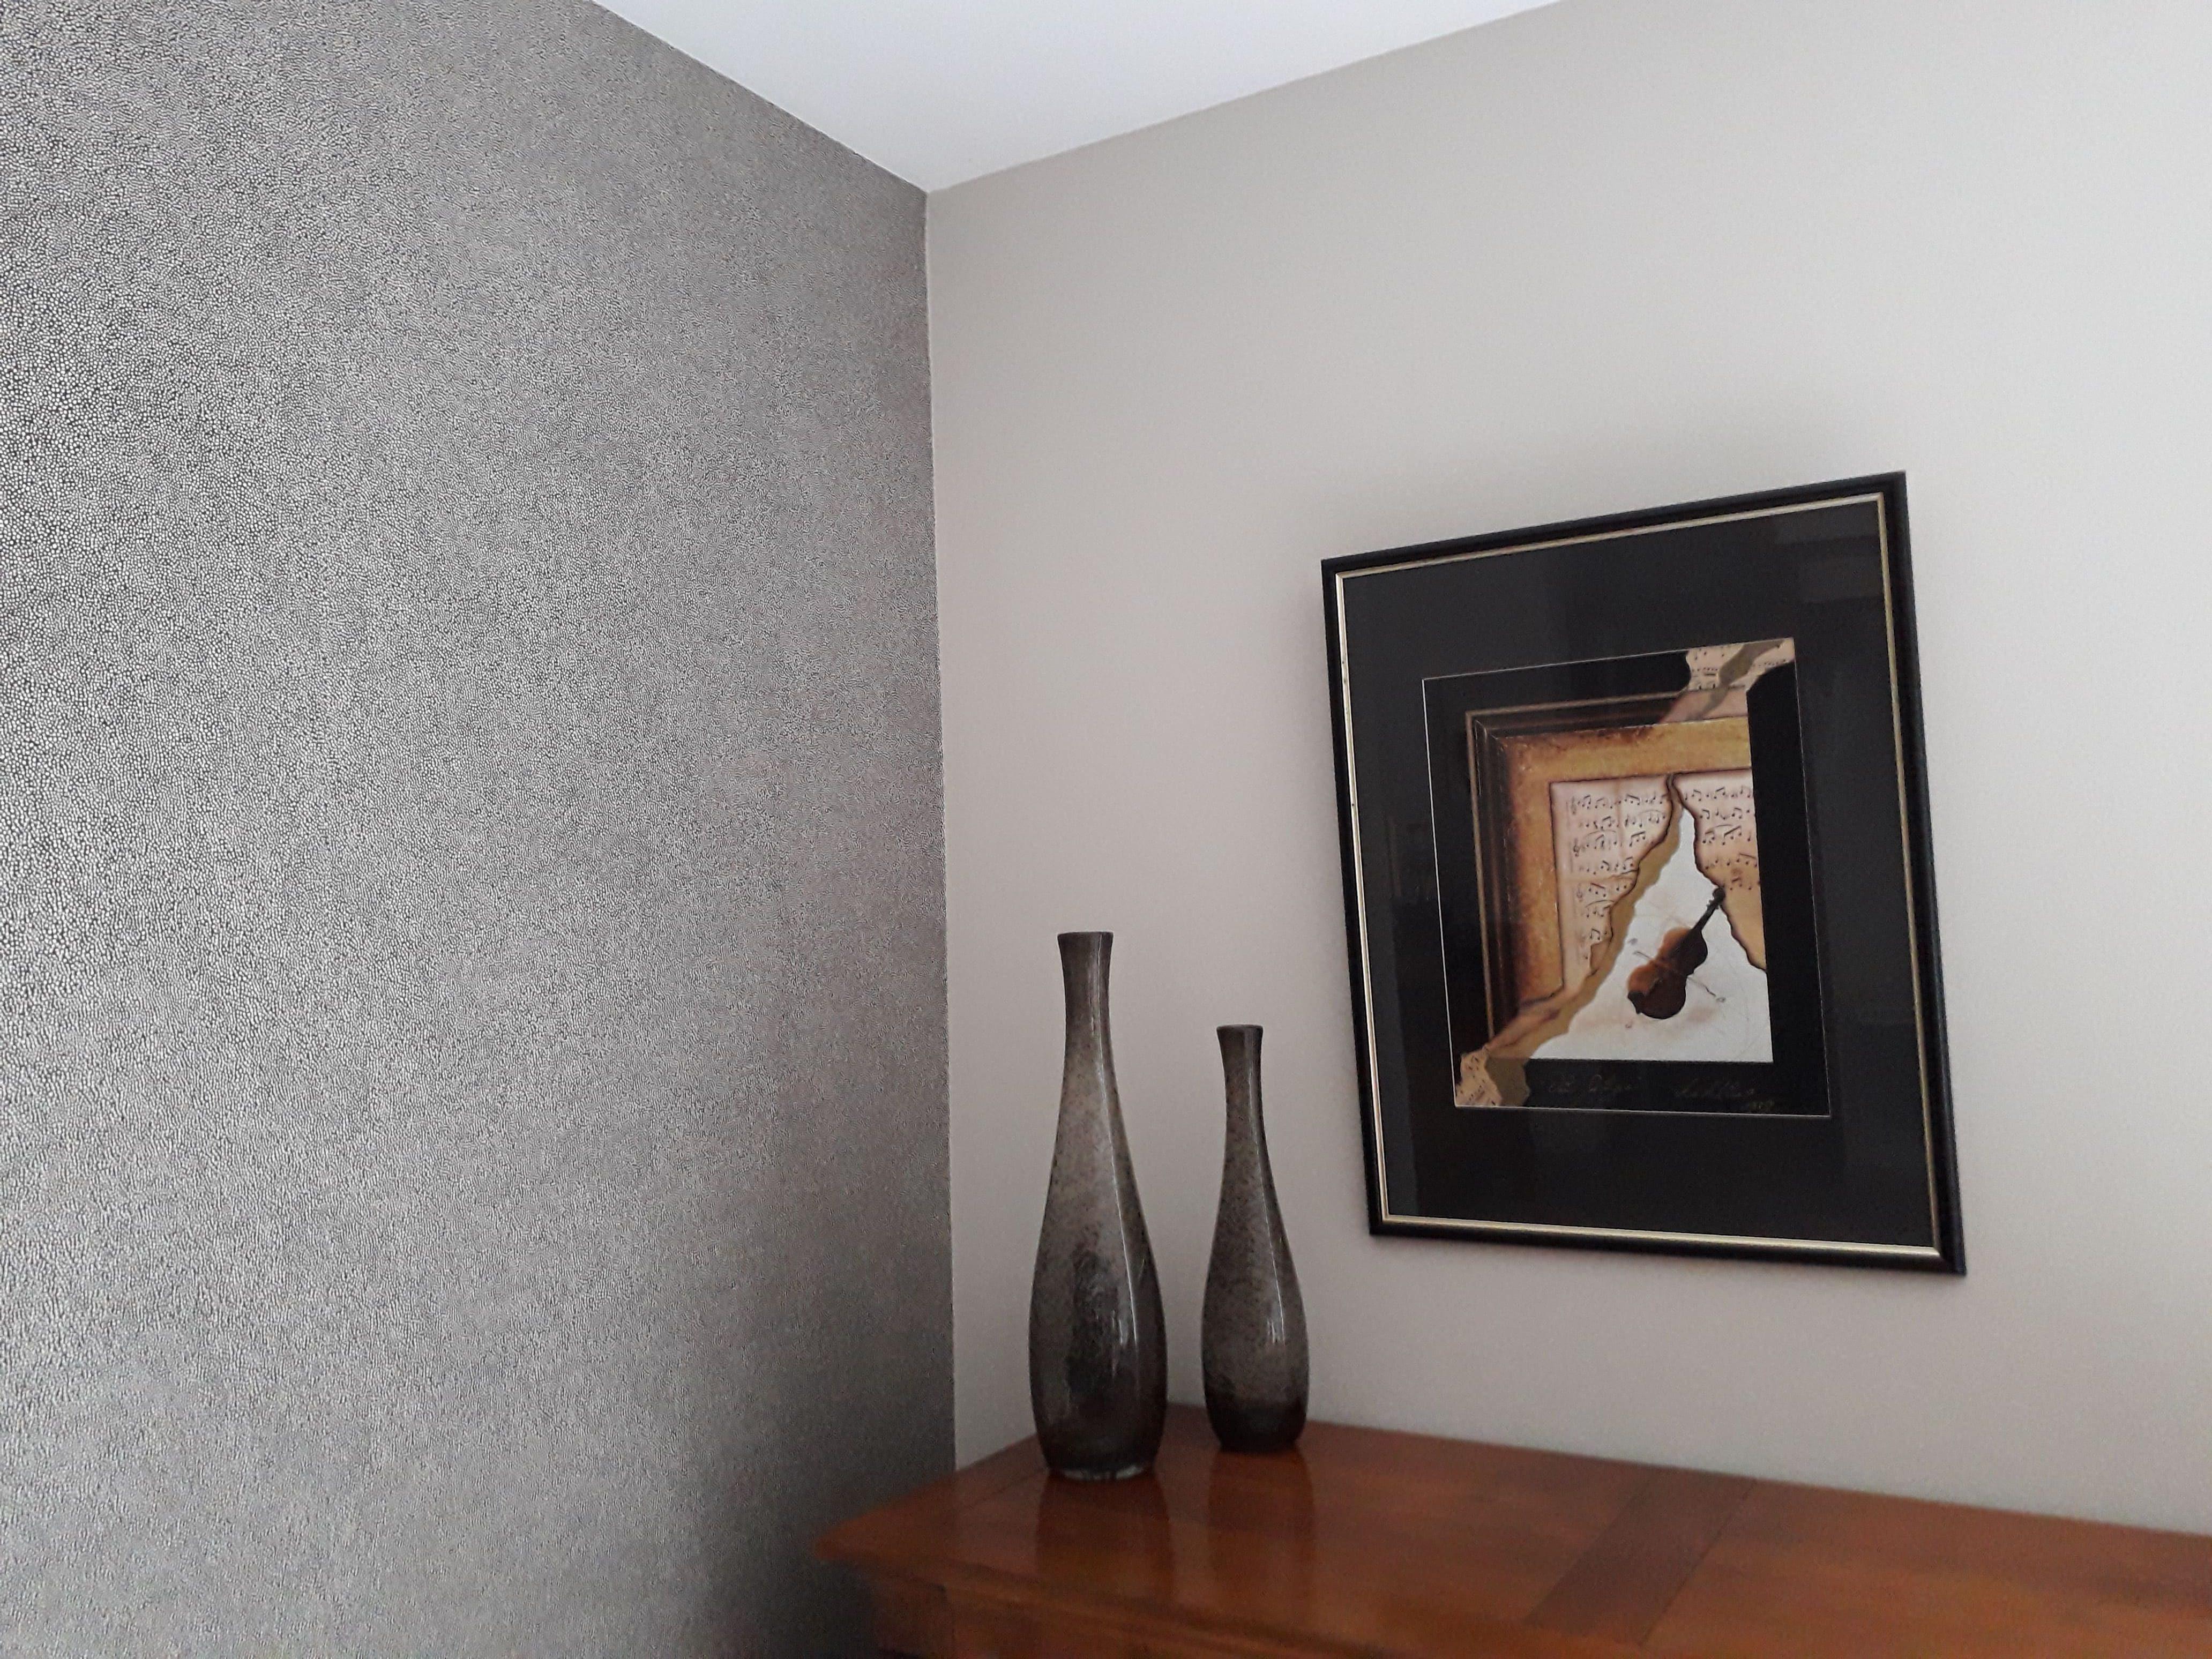 séjour Quintin 22 déco peinture papier peint point beige sur fond noir